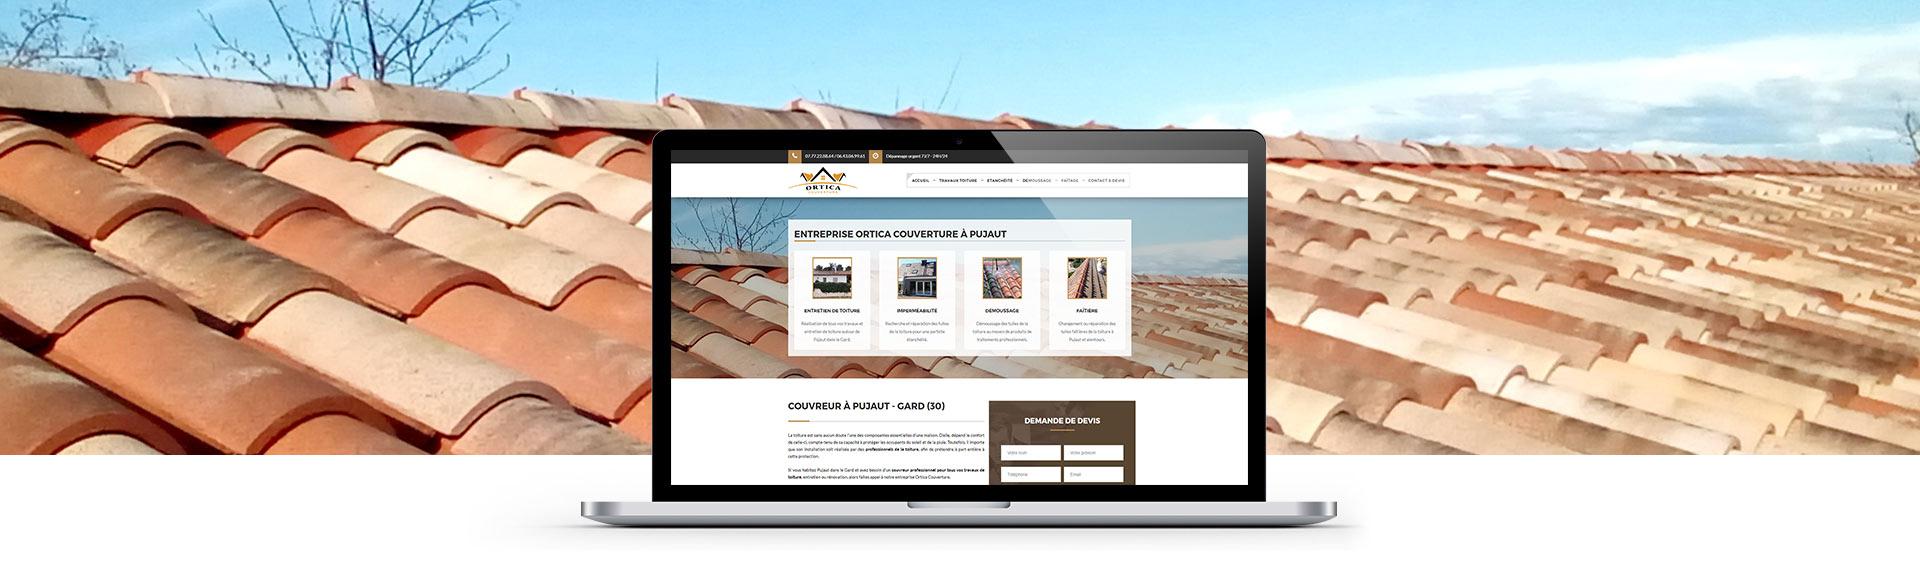 Site web pas cher Ortica Couverture